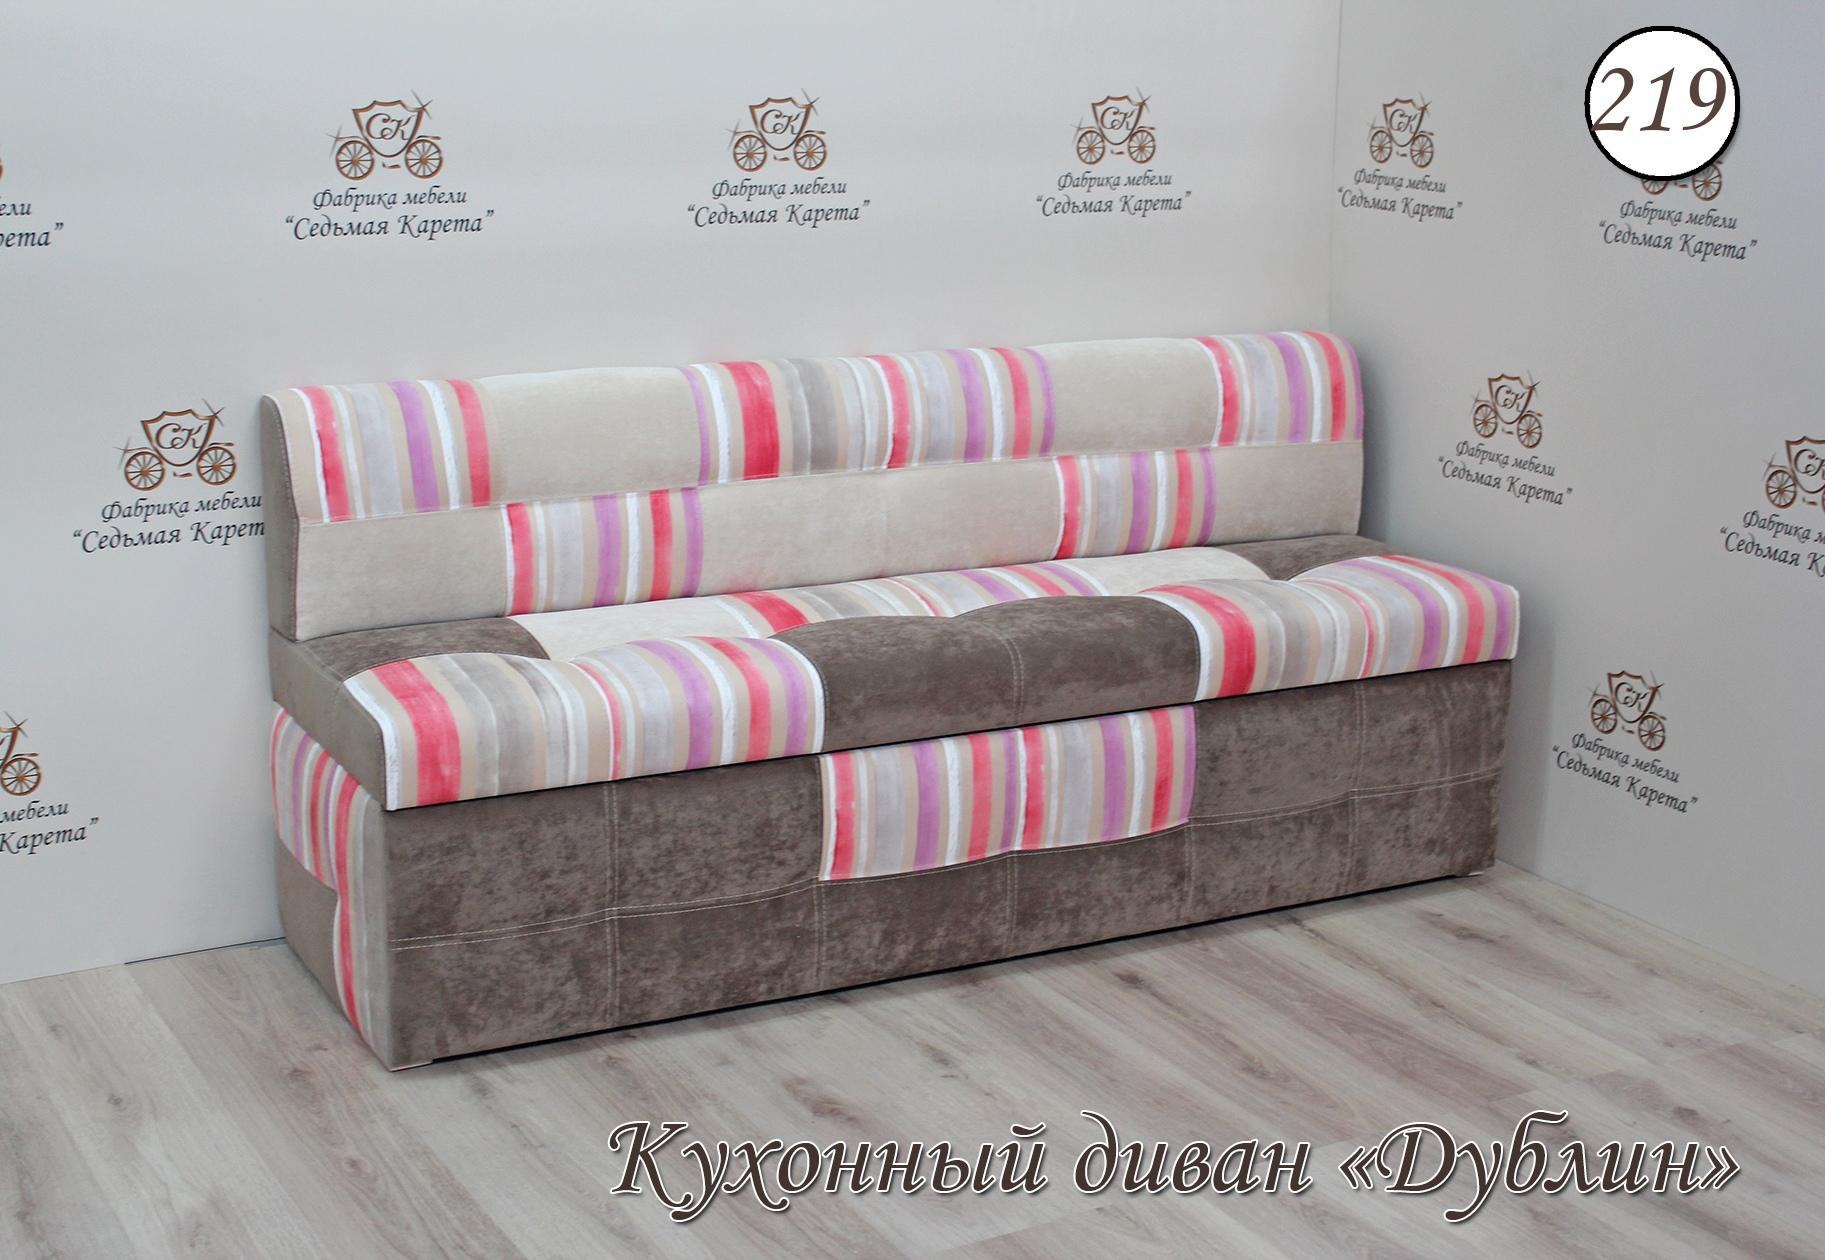 Кухонный диван Дублин-219